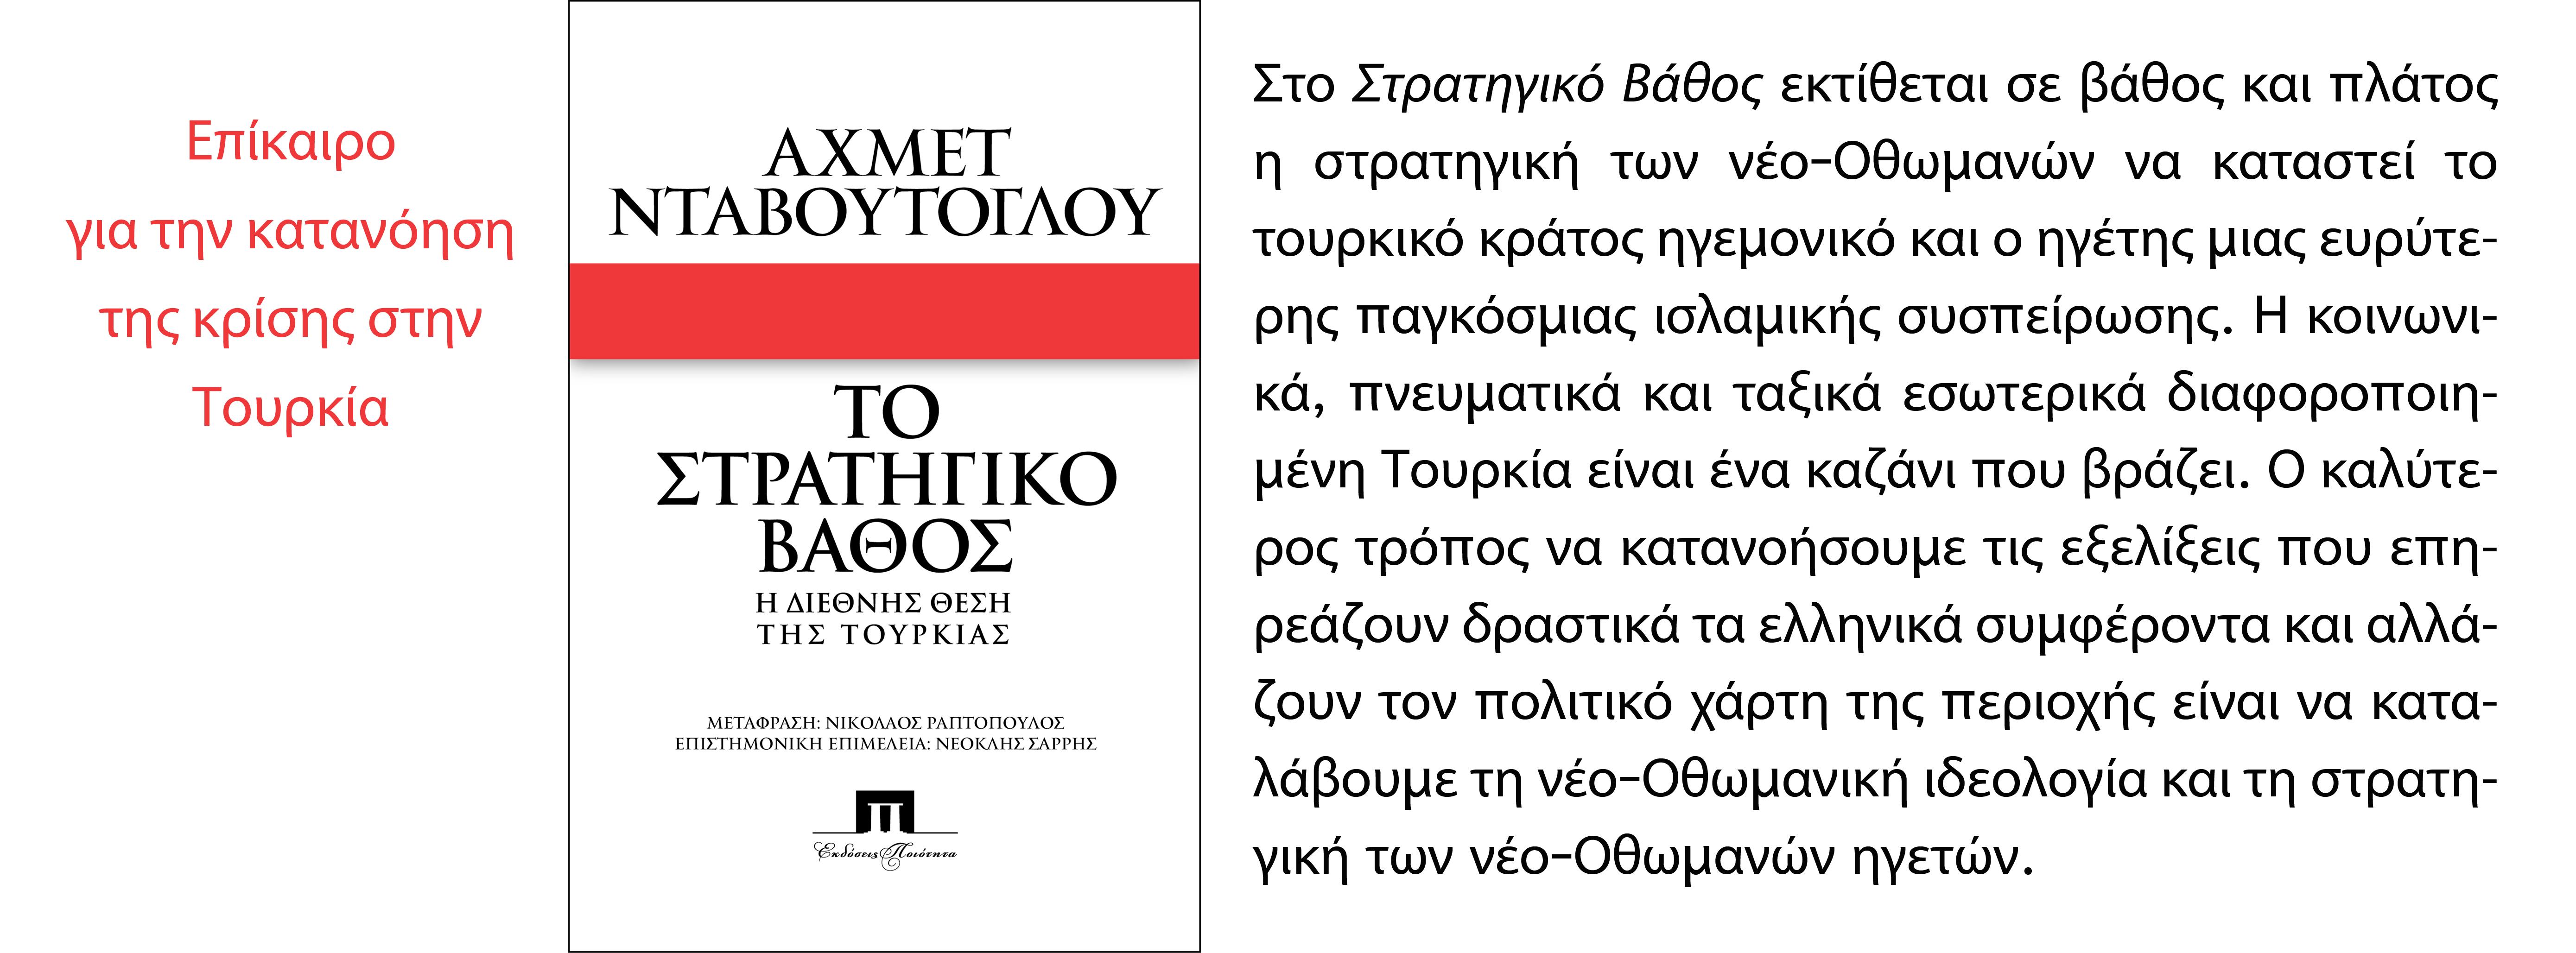 Αχμέτ Νταβούτογλου, Το στρατηγικό βάθος. Η διεθνής θέση της Τουρκίας